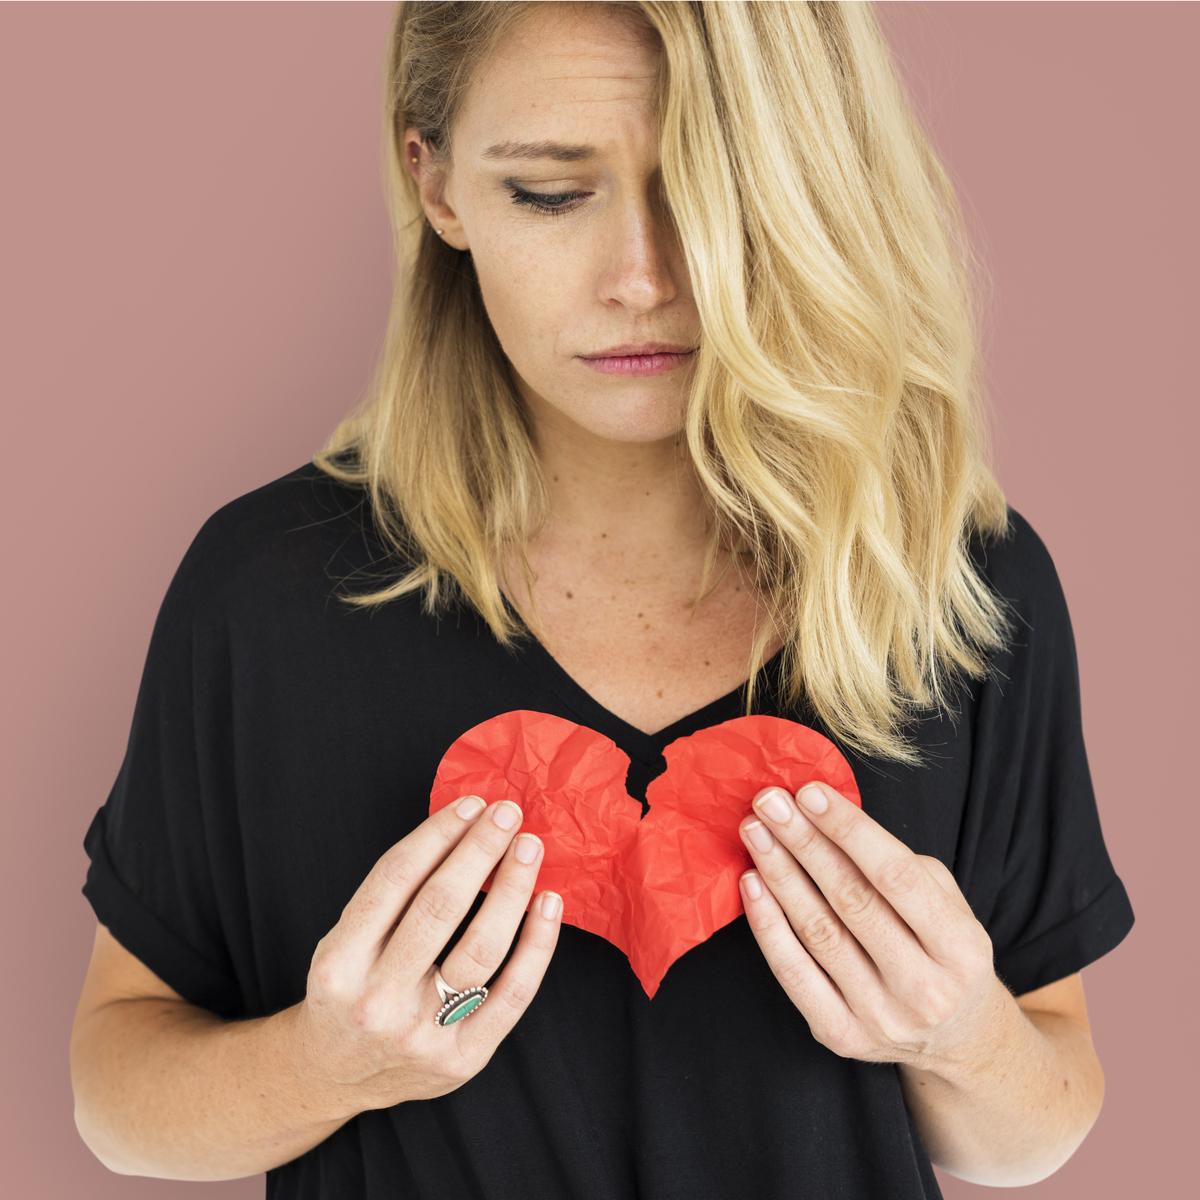 心が弱い人の特徴12個!どんなにストレスに弱くても克服できる方法のサムネイル画像